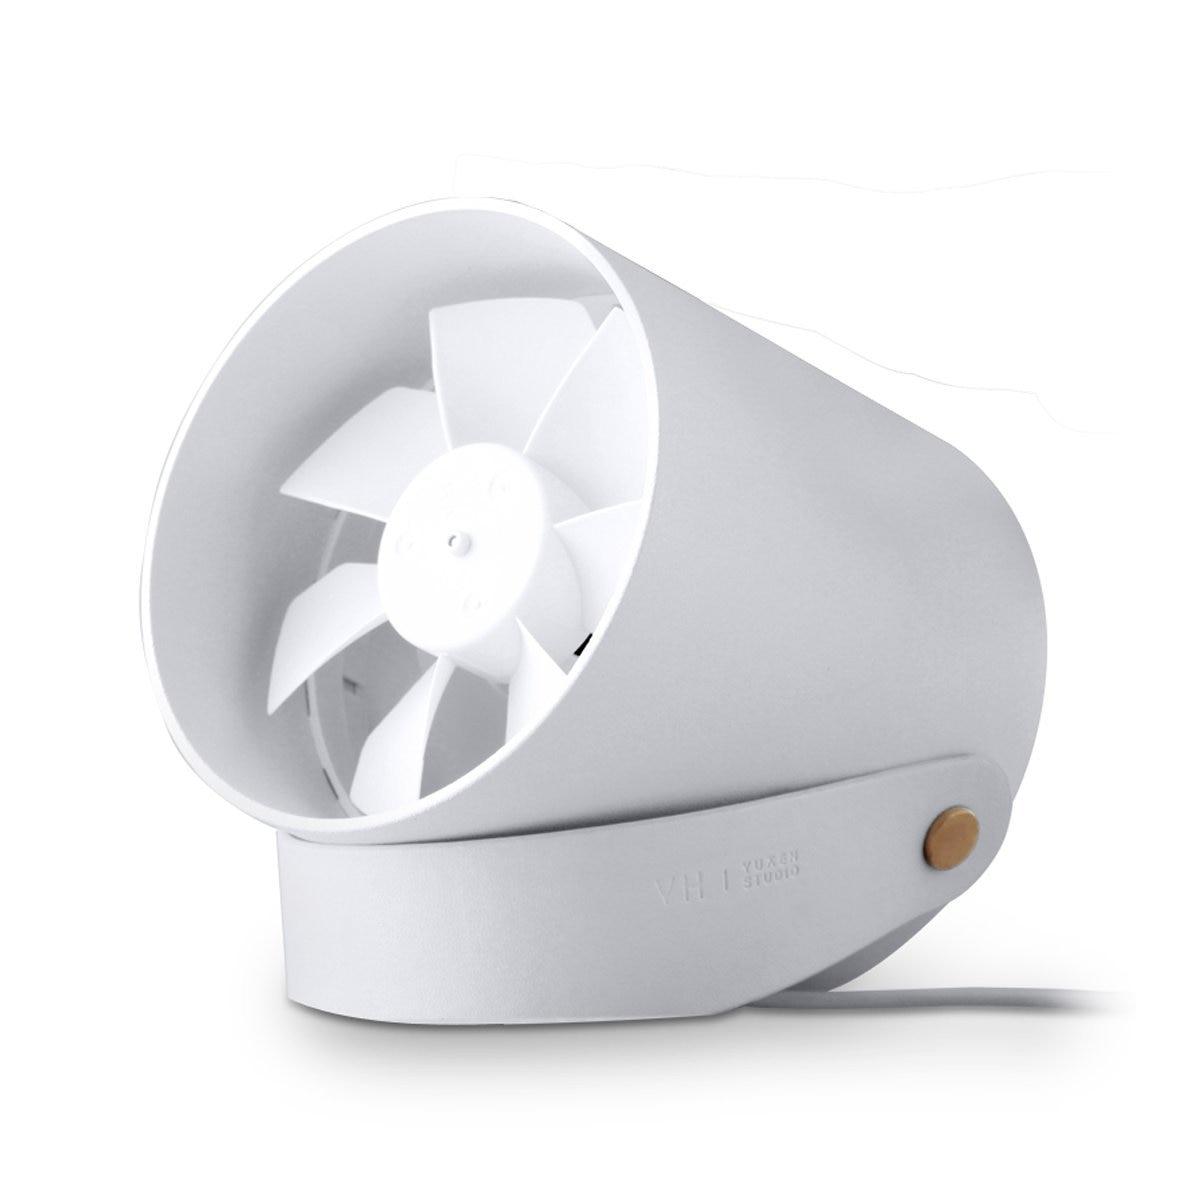 RG VH Portable Creative Ultra Mini Quiet USB Desk Fan White